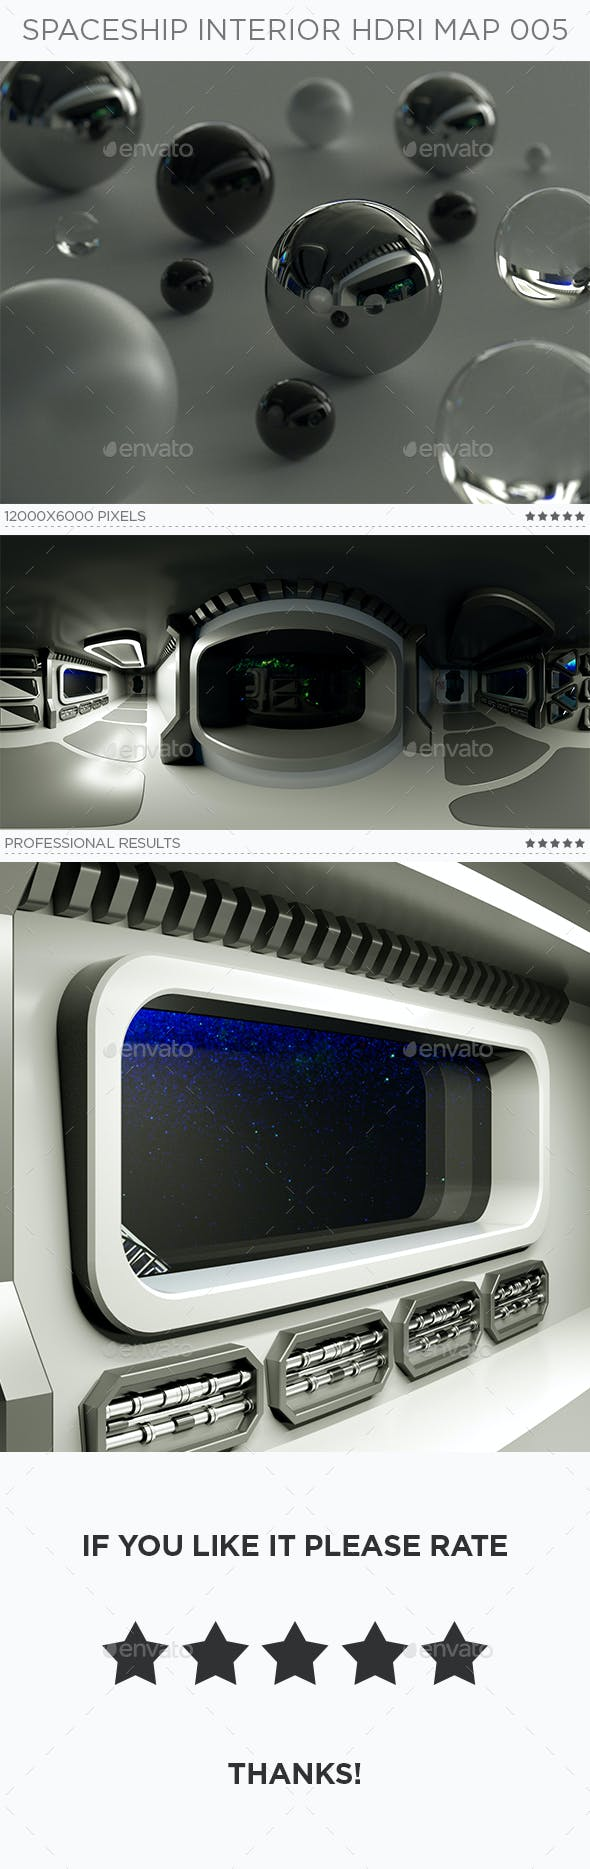 Spaceship Interior HDRi Map 005 - 3DOcean Item for Sale